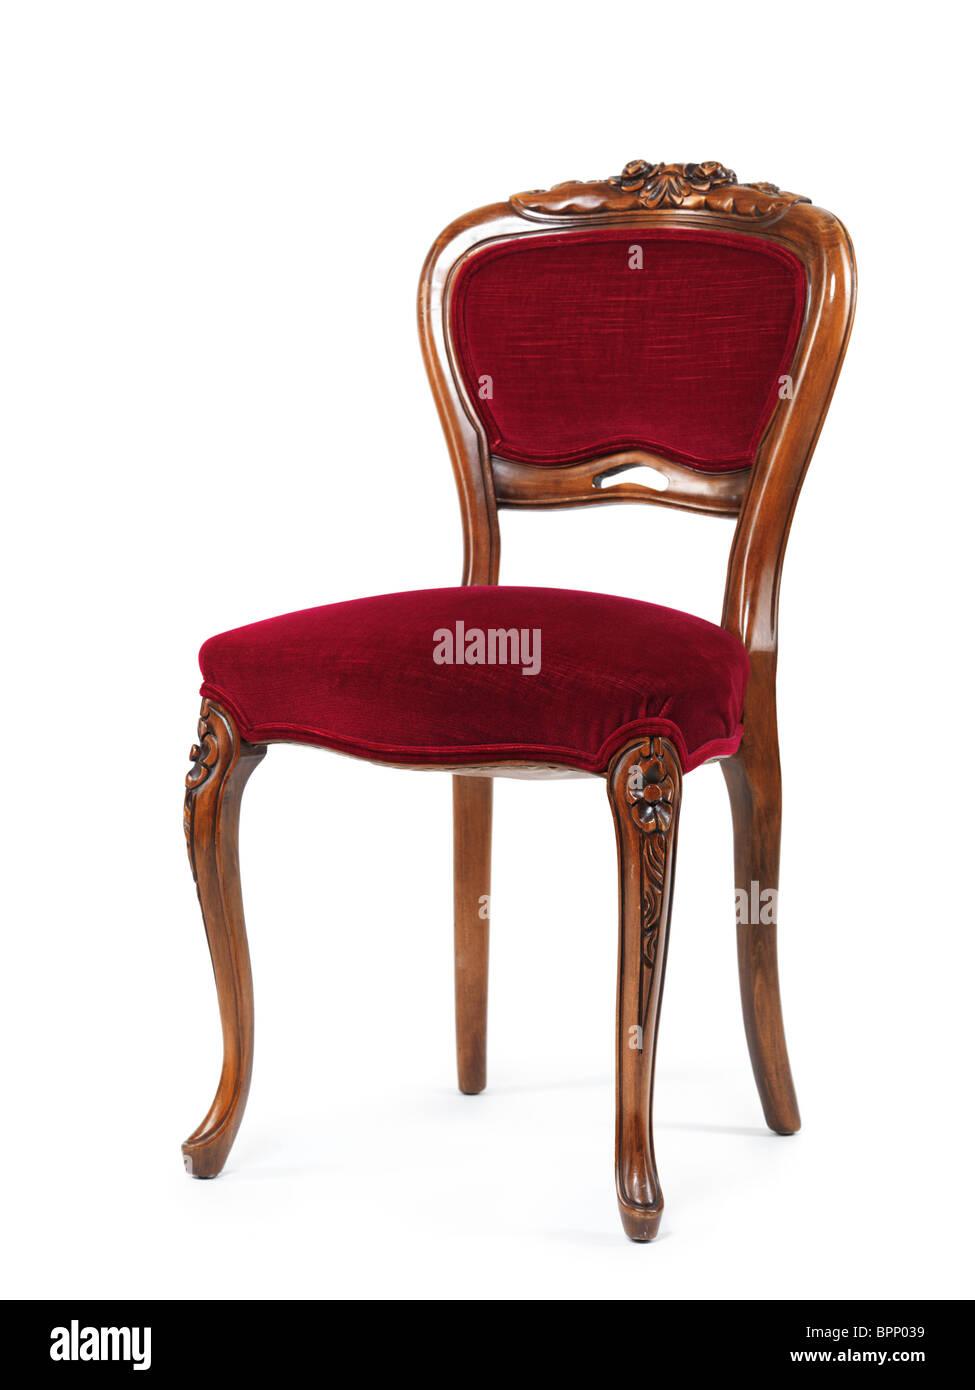 furniture stockfotos furniture bilder alamy. Black Bedroom Furniture Sets. Home Design Ideas